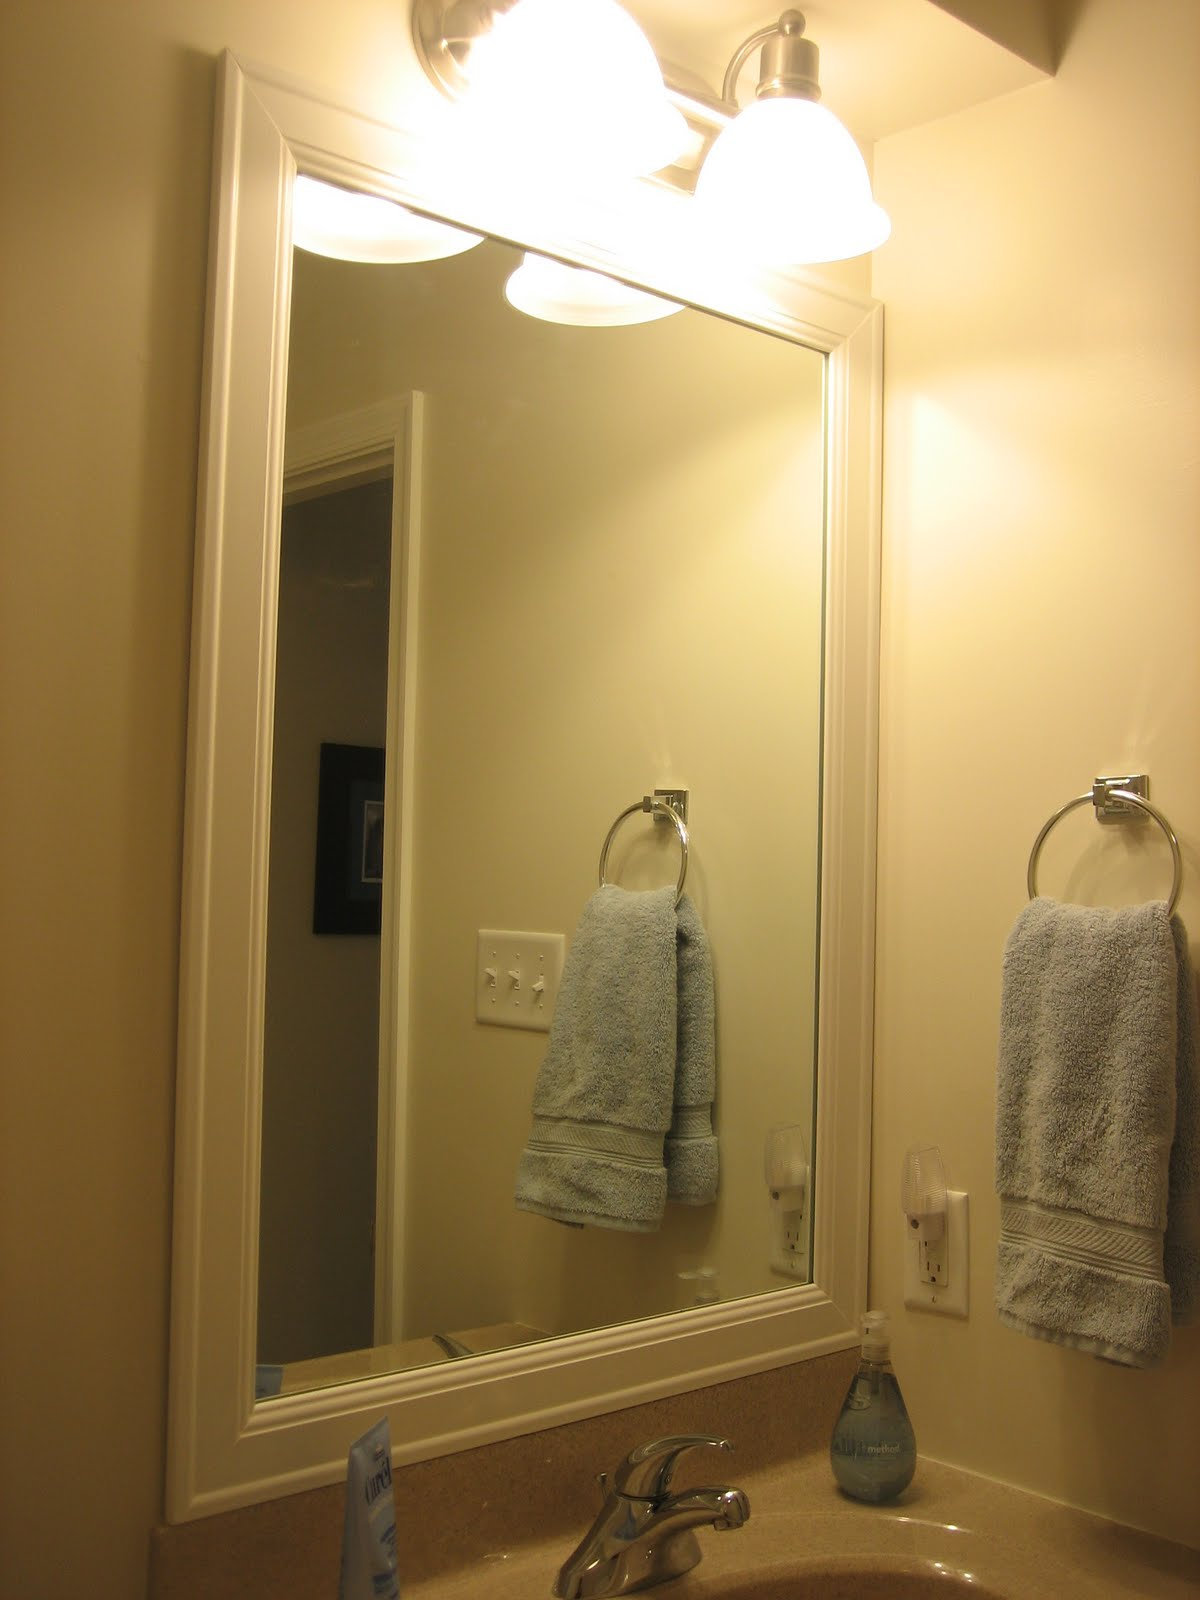 Elizabeth & Co.: Framing Bathroom Mirrors